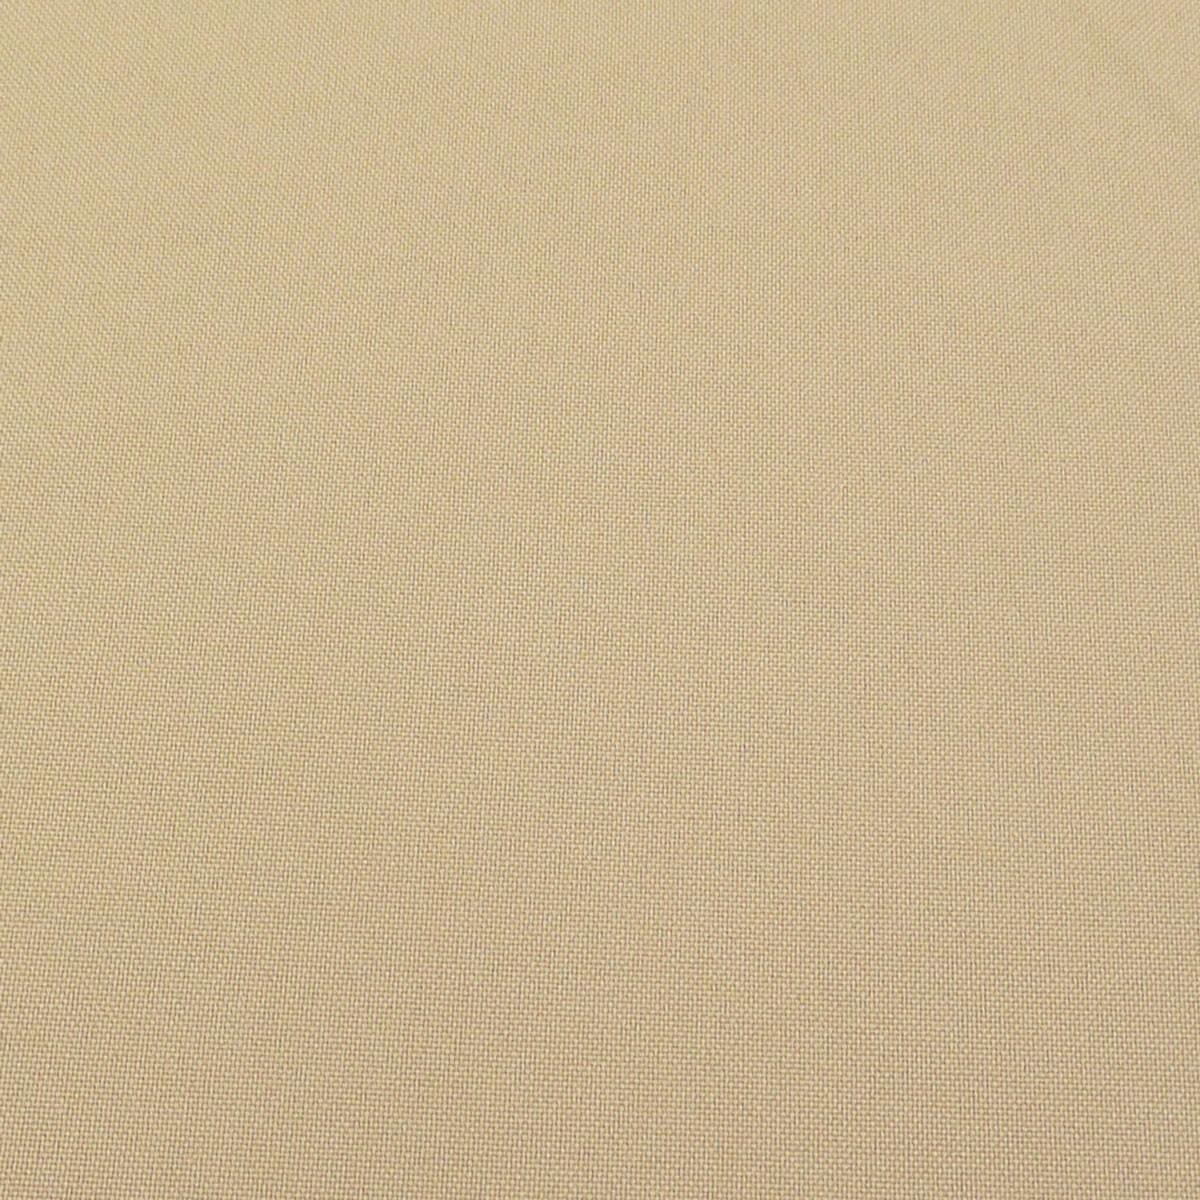 Kreativstoff Universalstoff Polyester Stretch beige